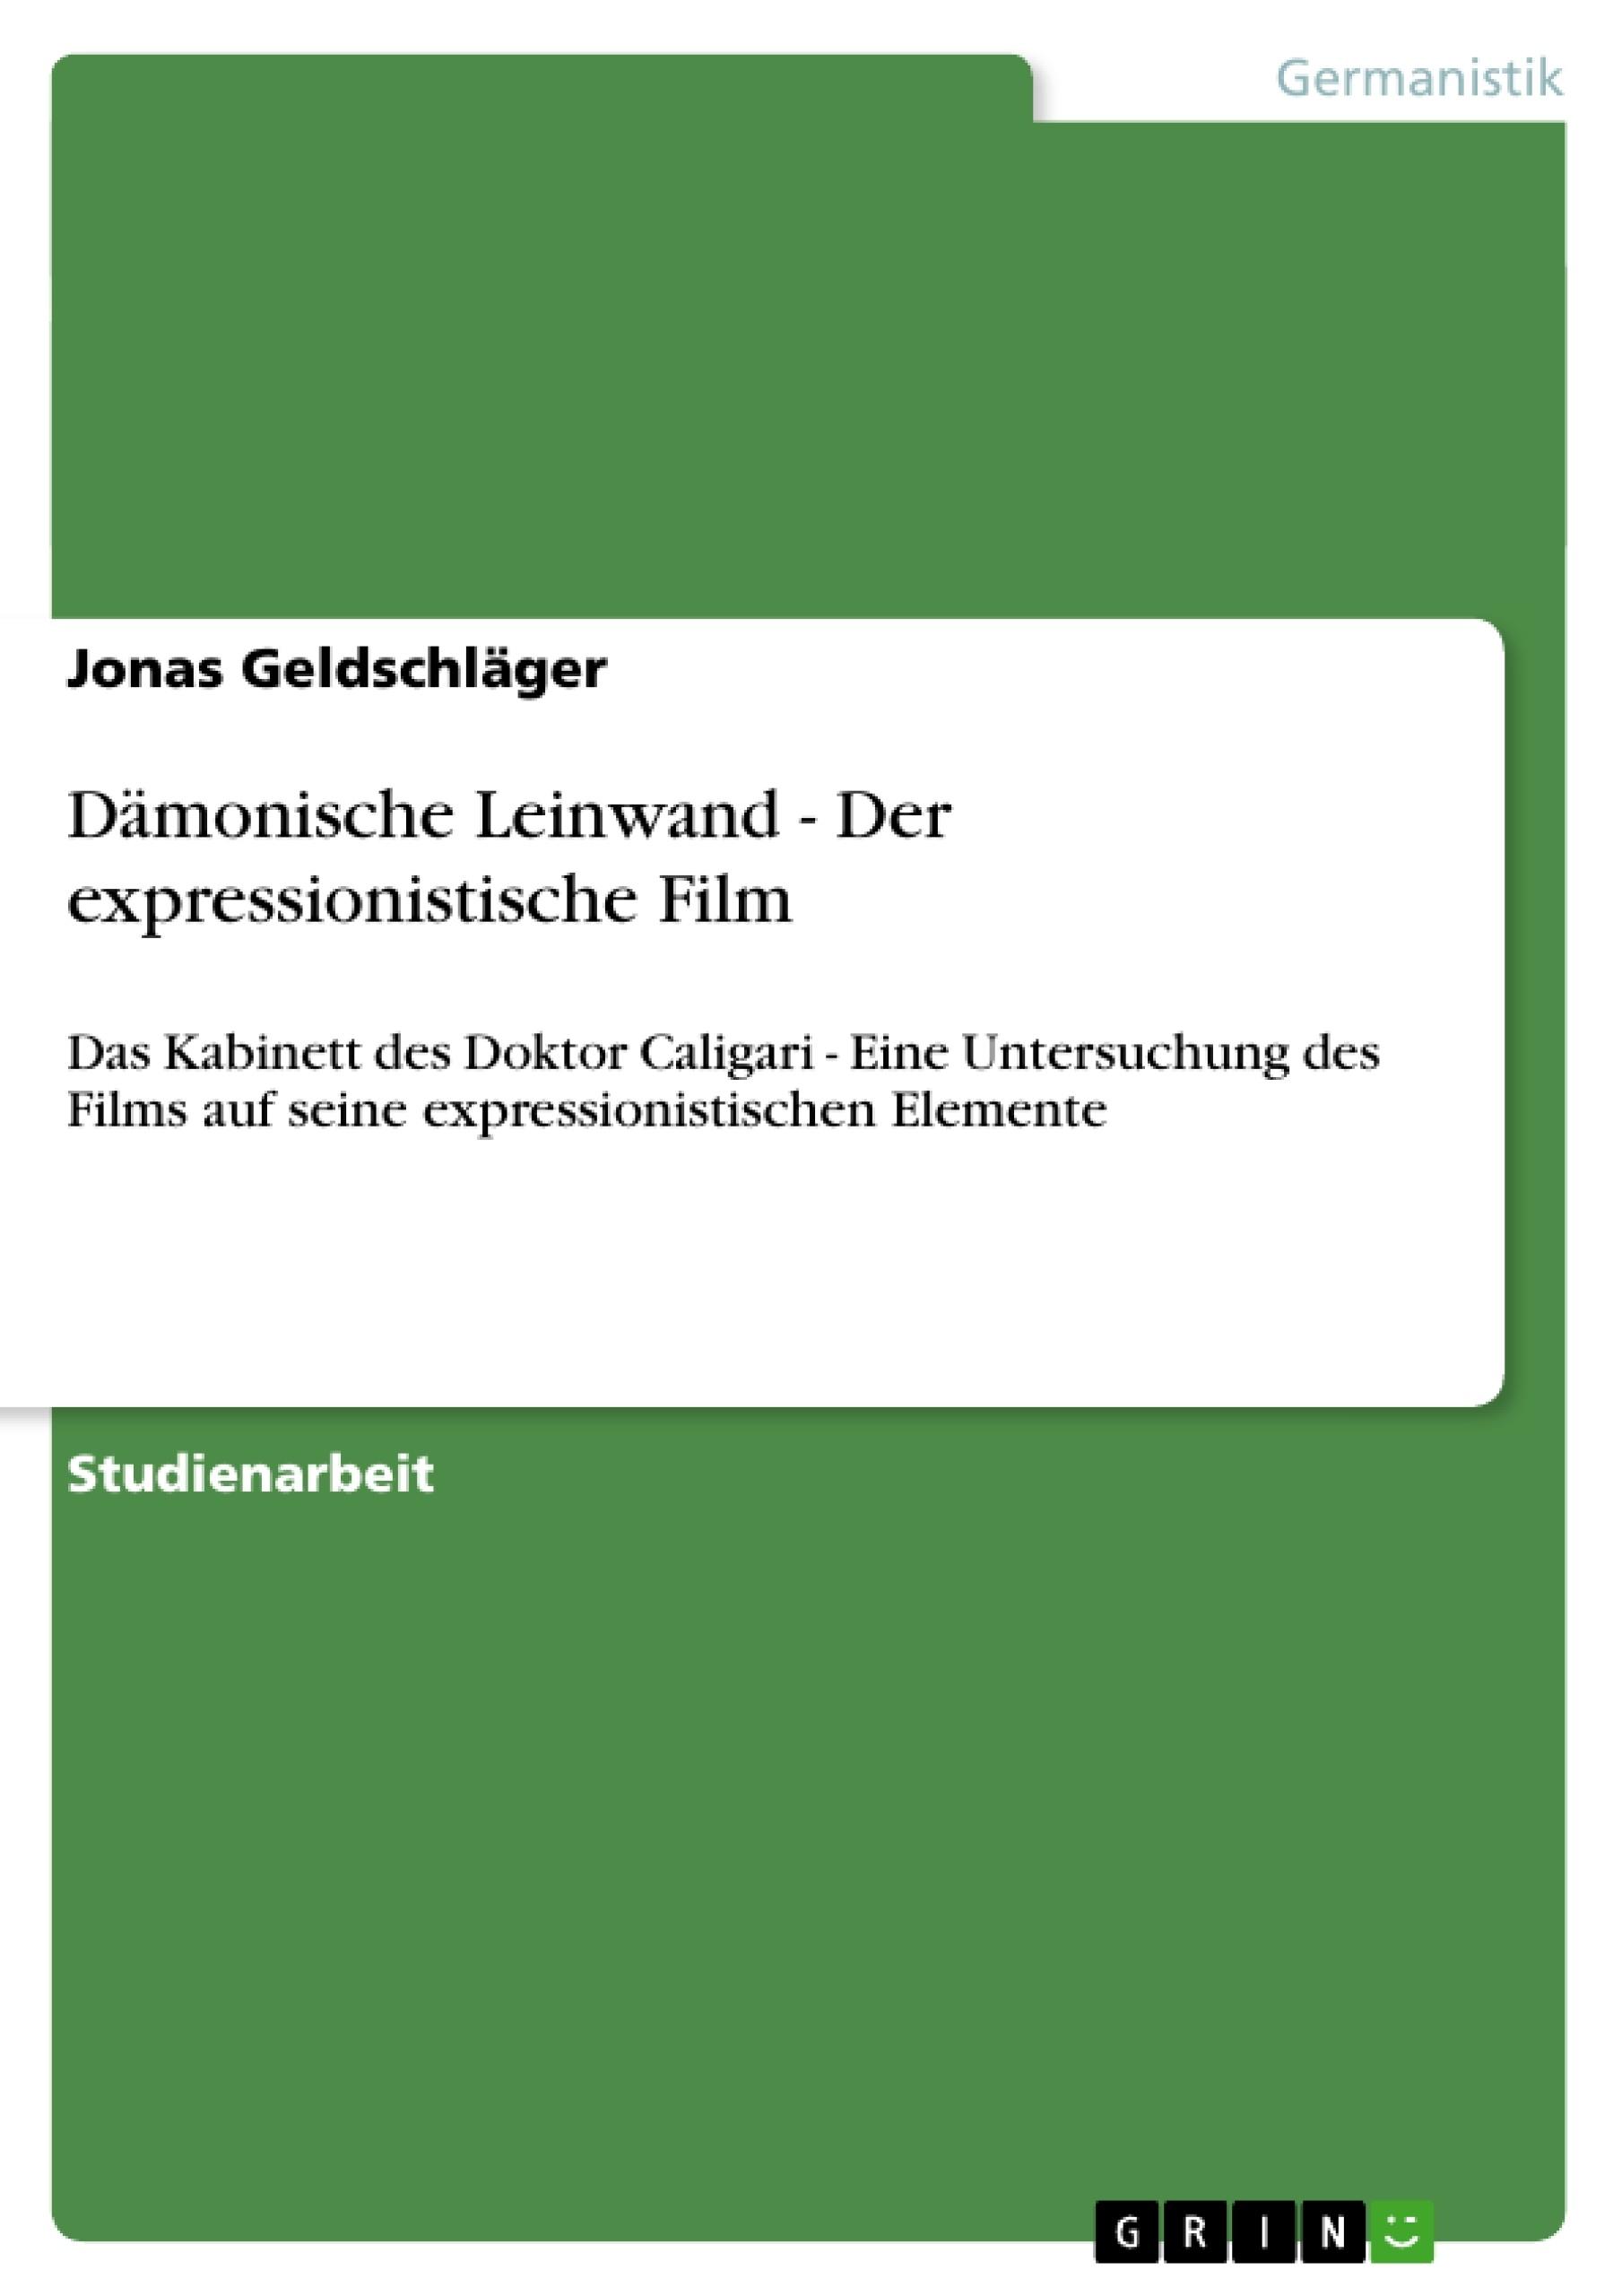 Titel: Dämonische Leinwand - Der expressionistische Film